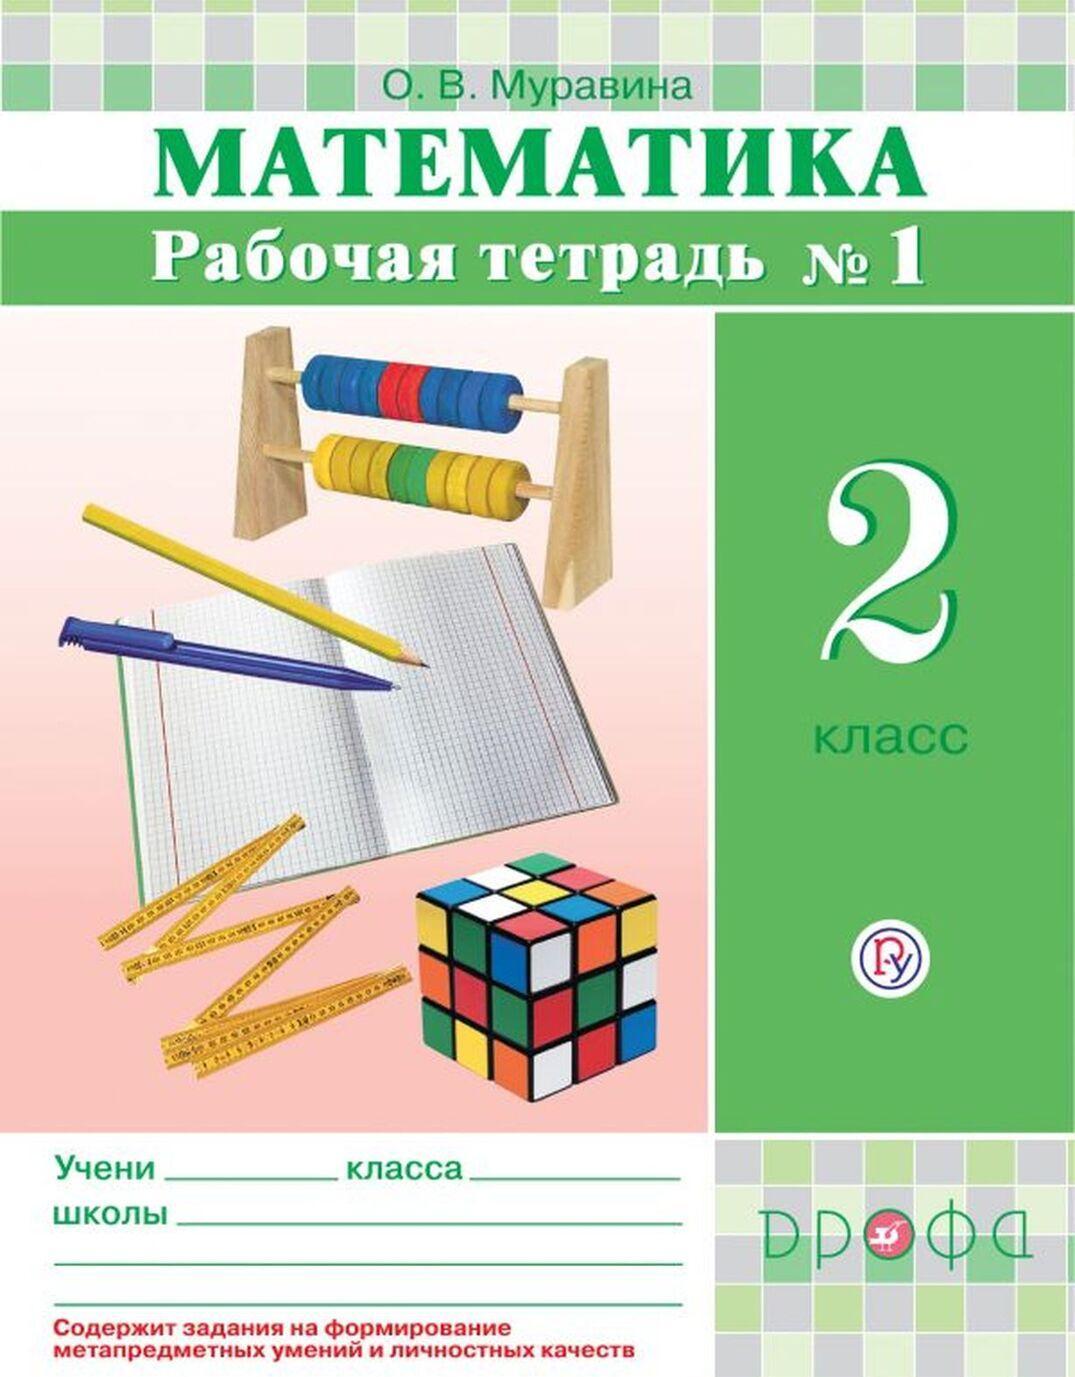 Математика. 2 класс. Рабочая тетрадь № 1